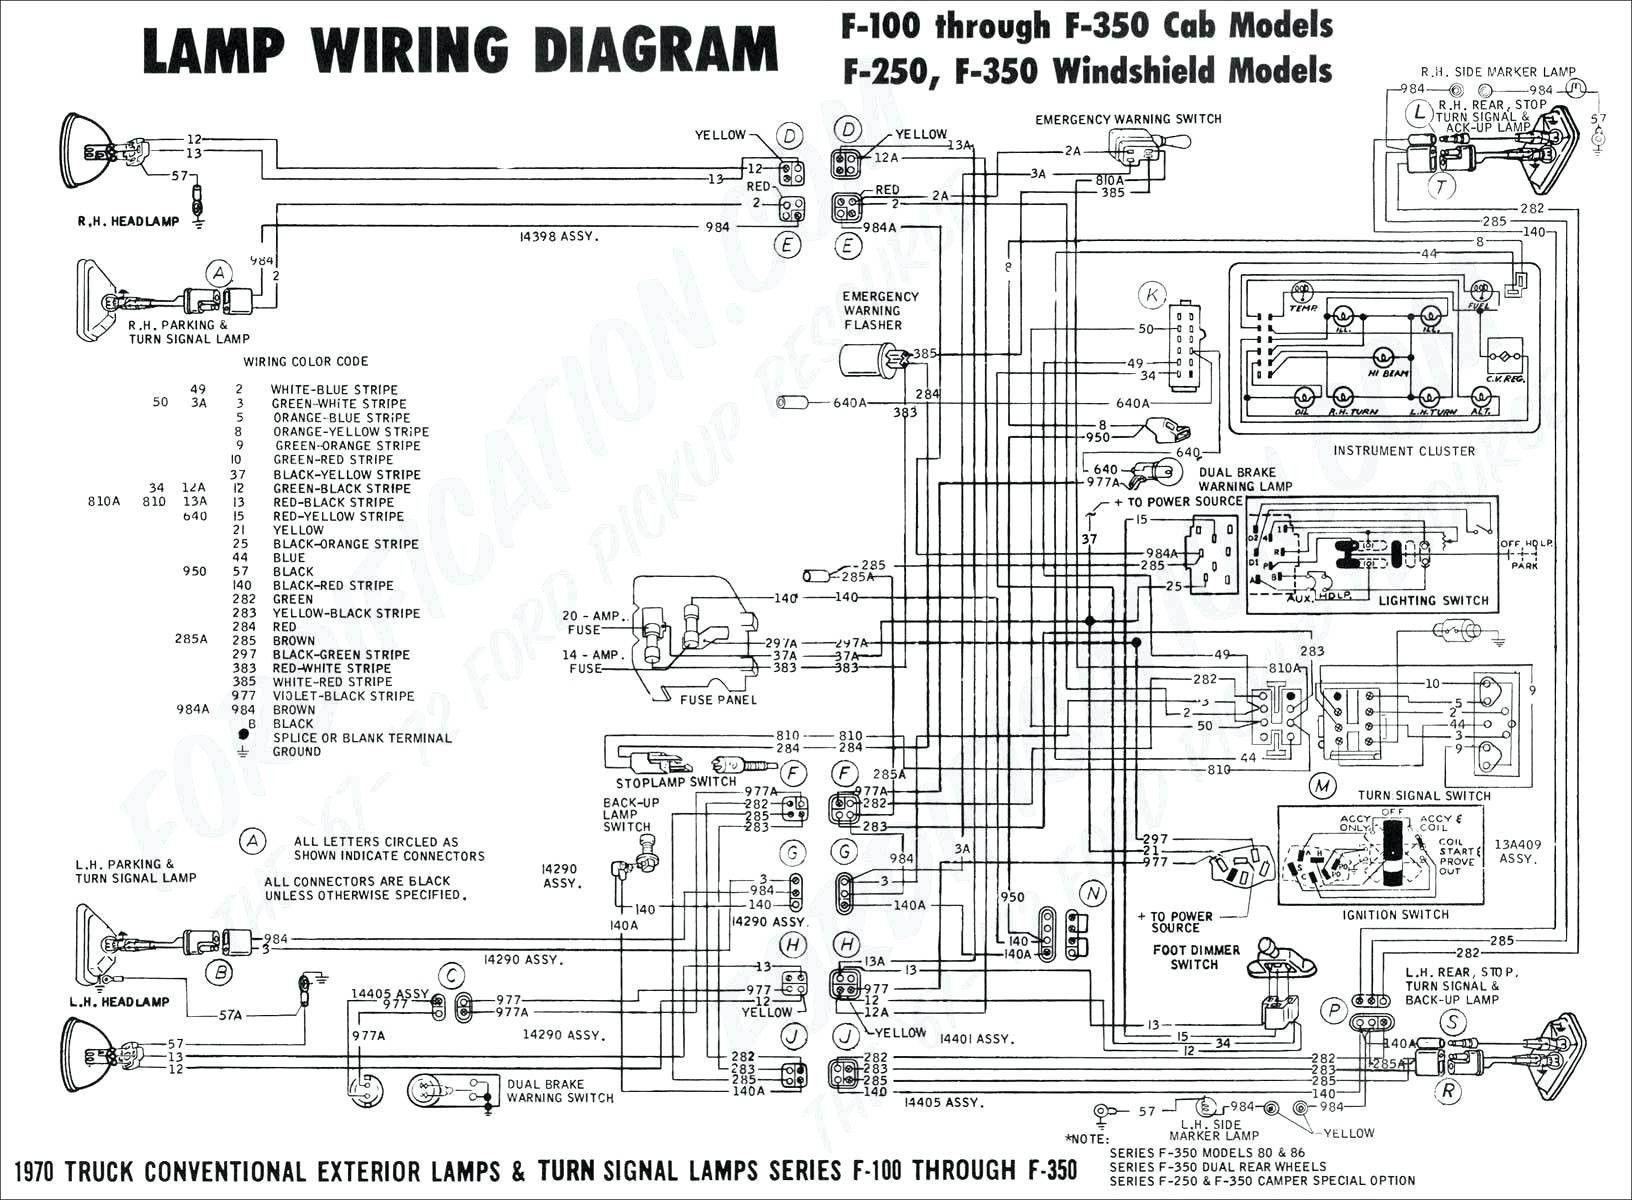 1996 Nissan Maxima Radio Wiring Color Diagram